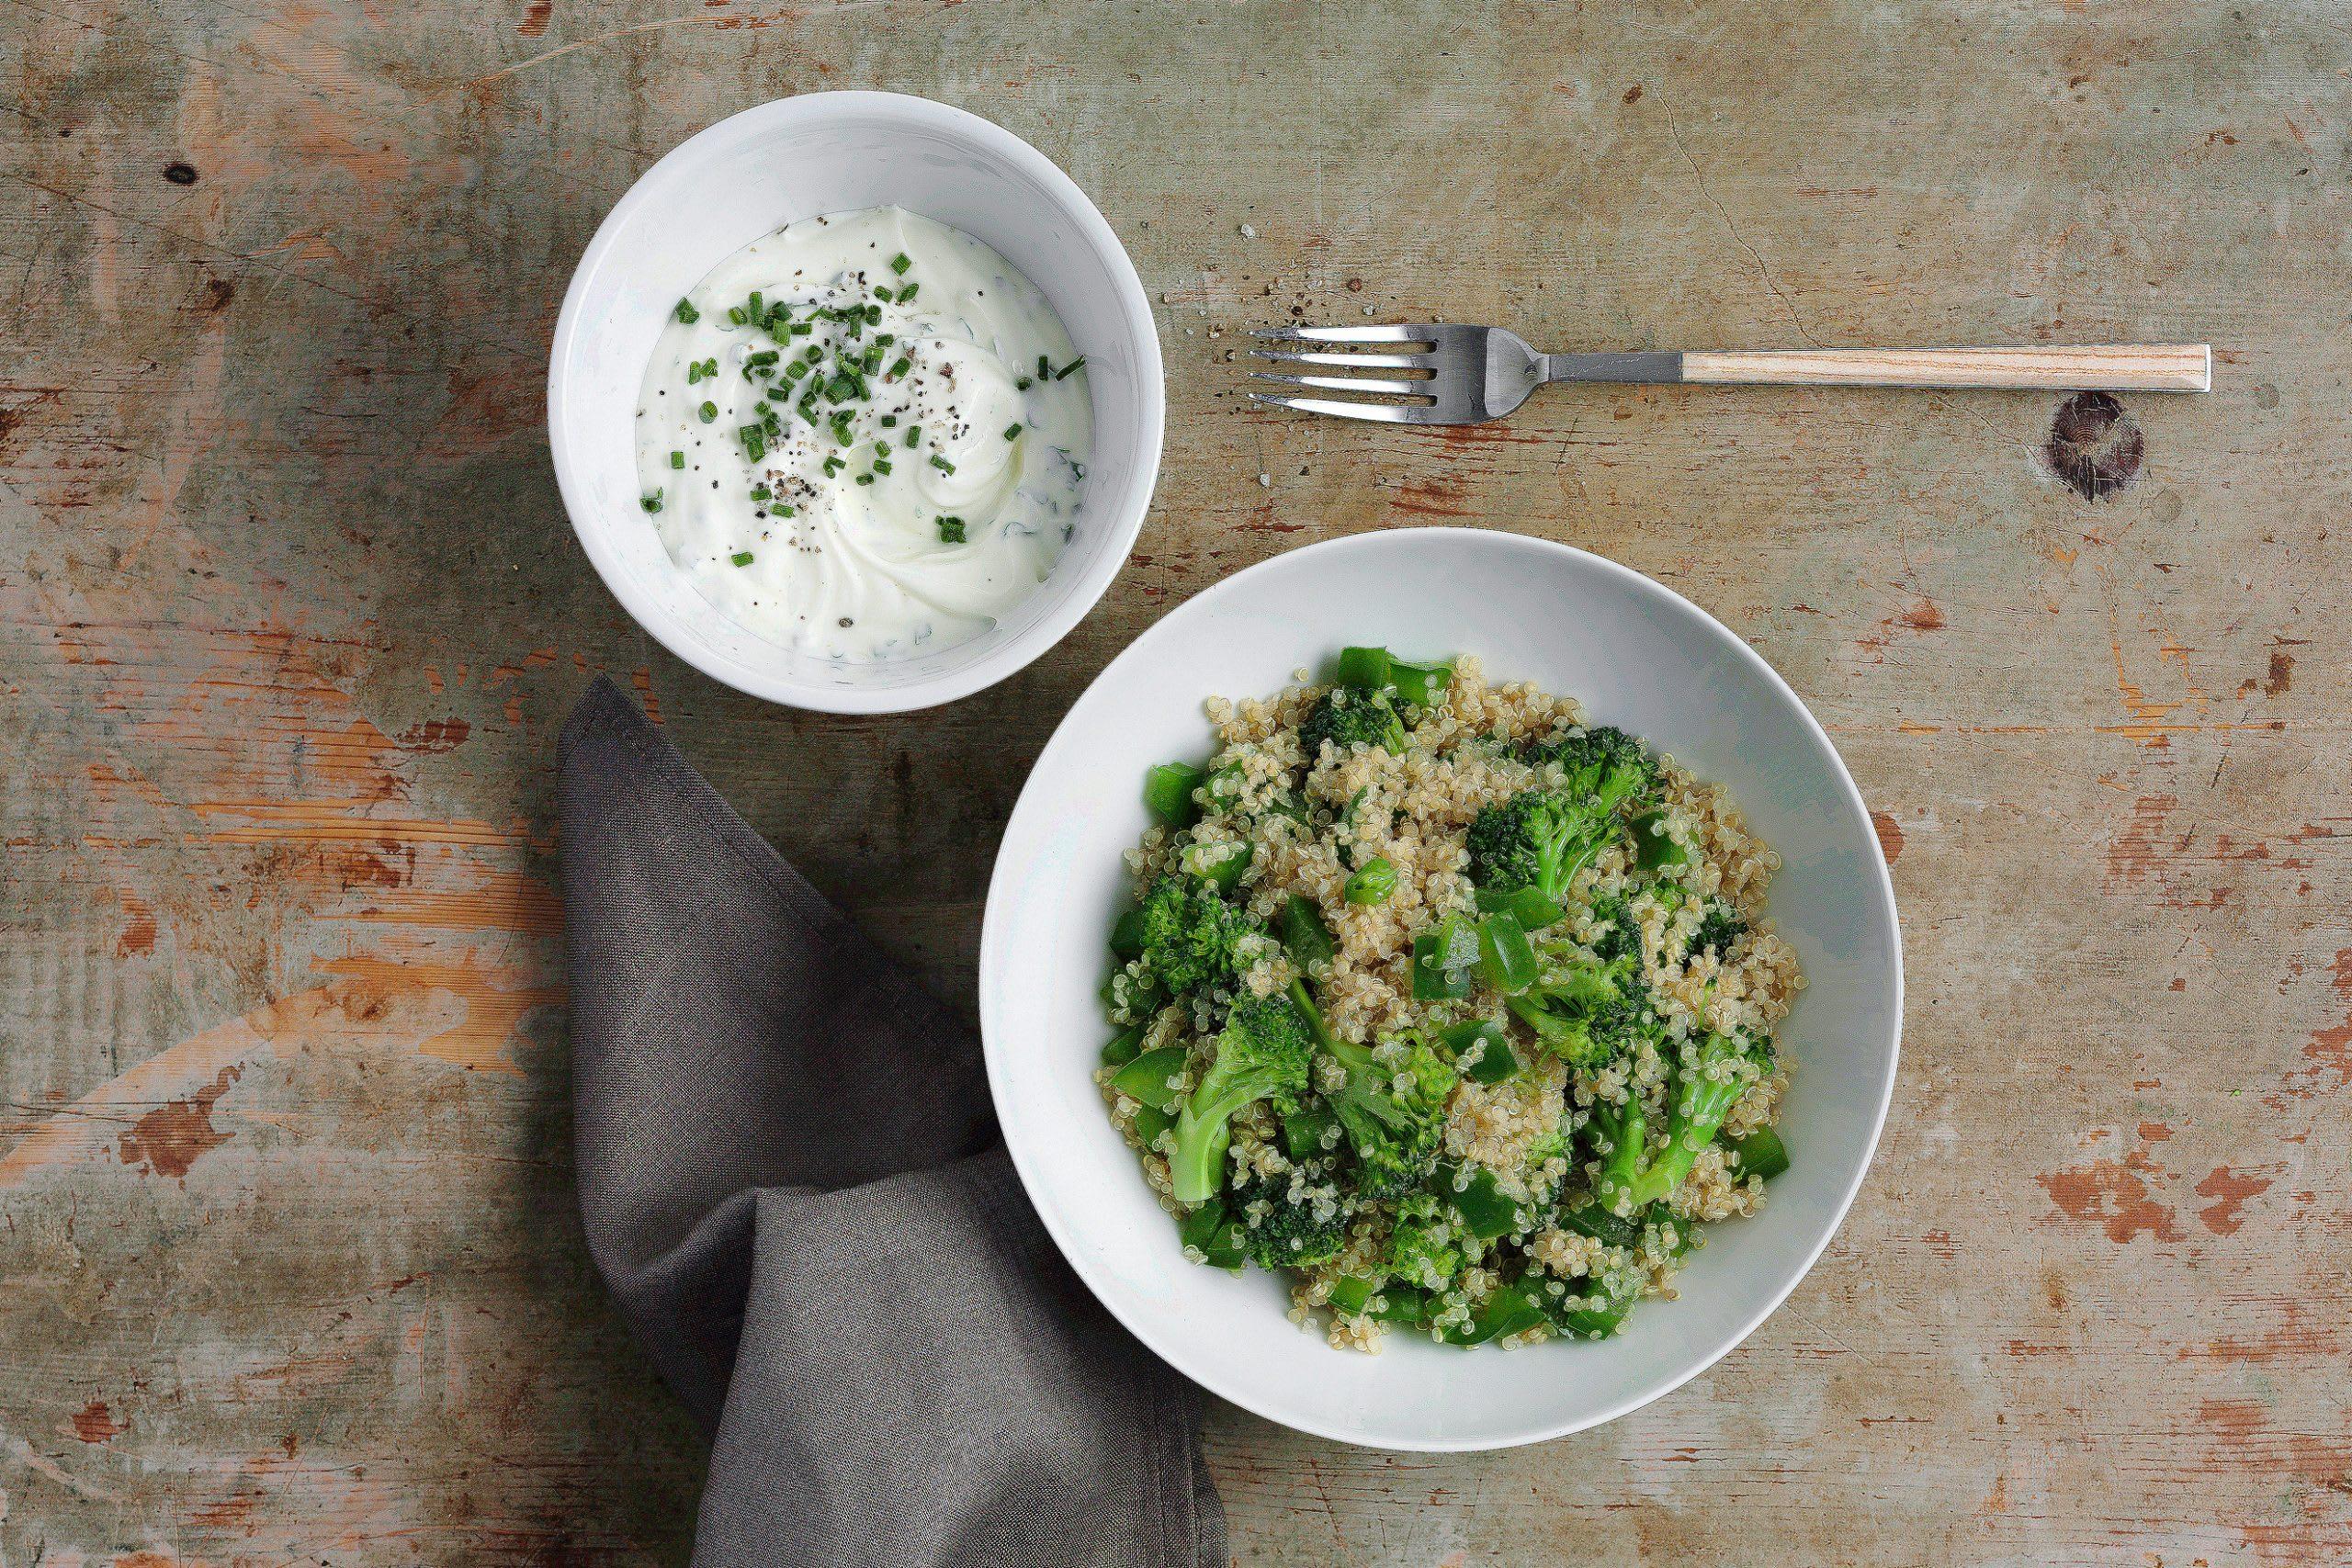 Salade de quinoa aux légumes et séré aux fines herbes (low carb)